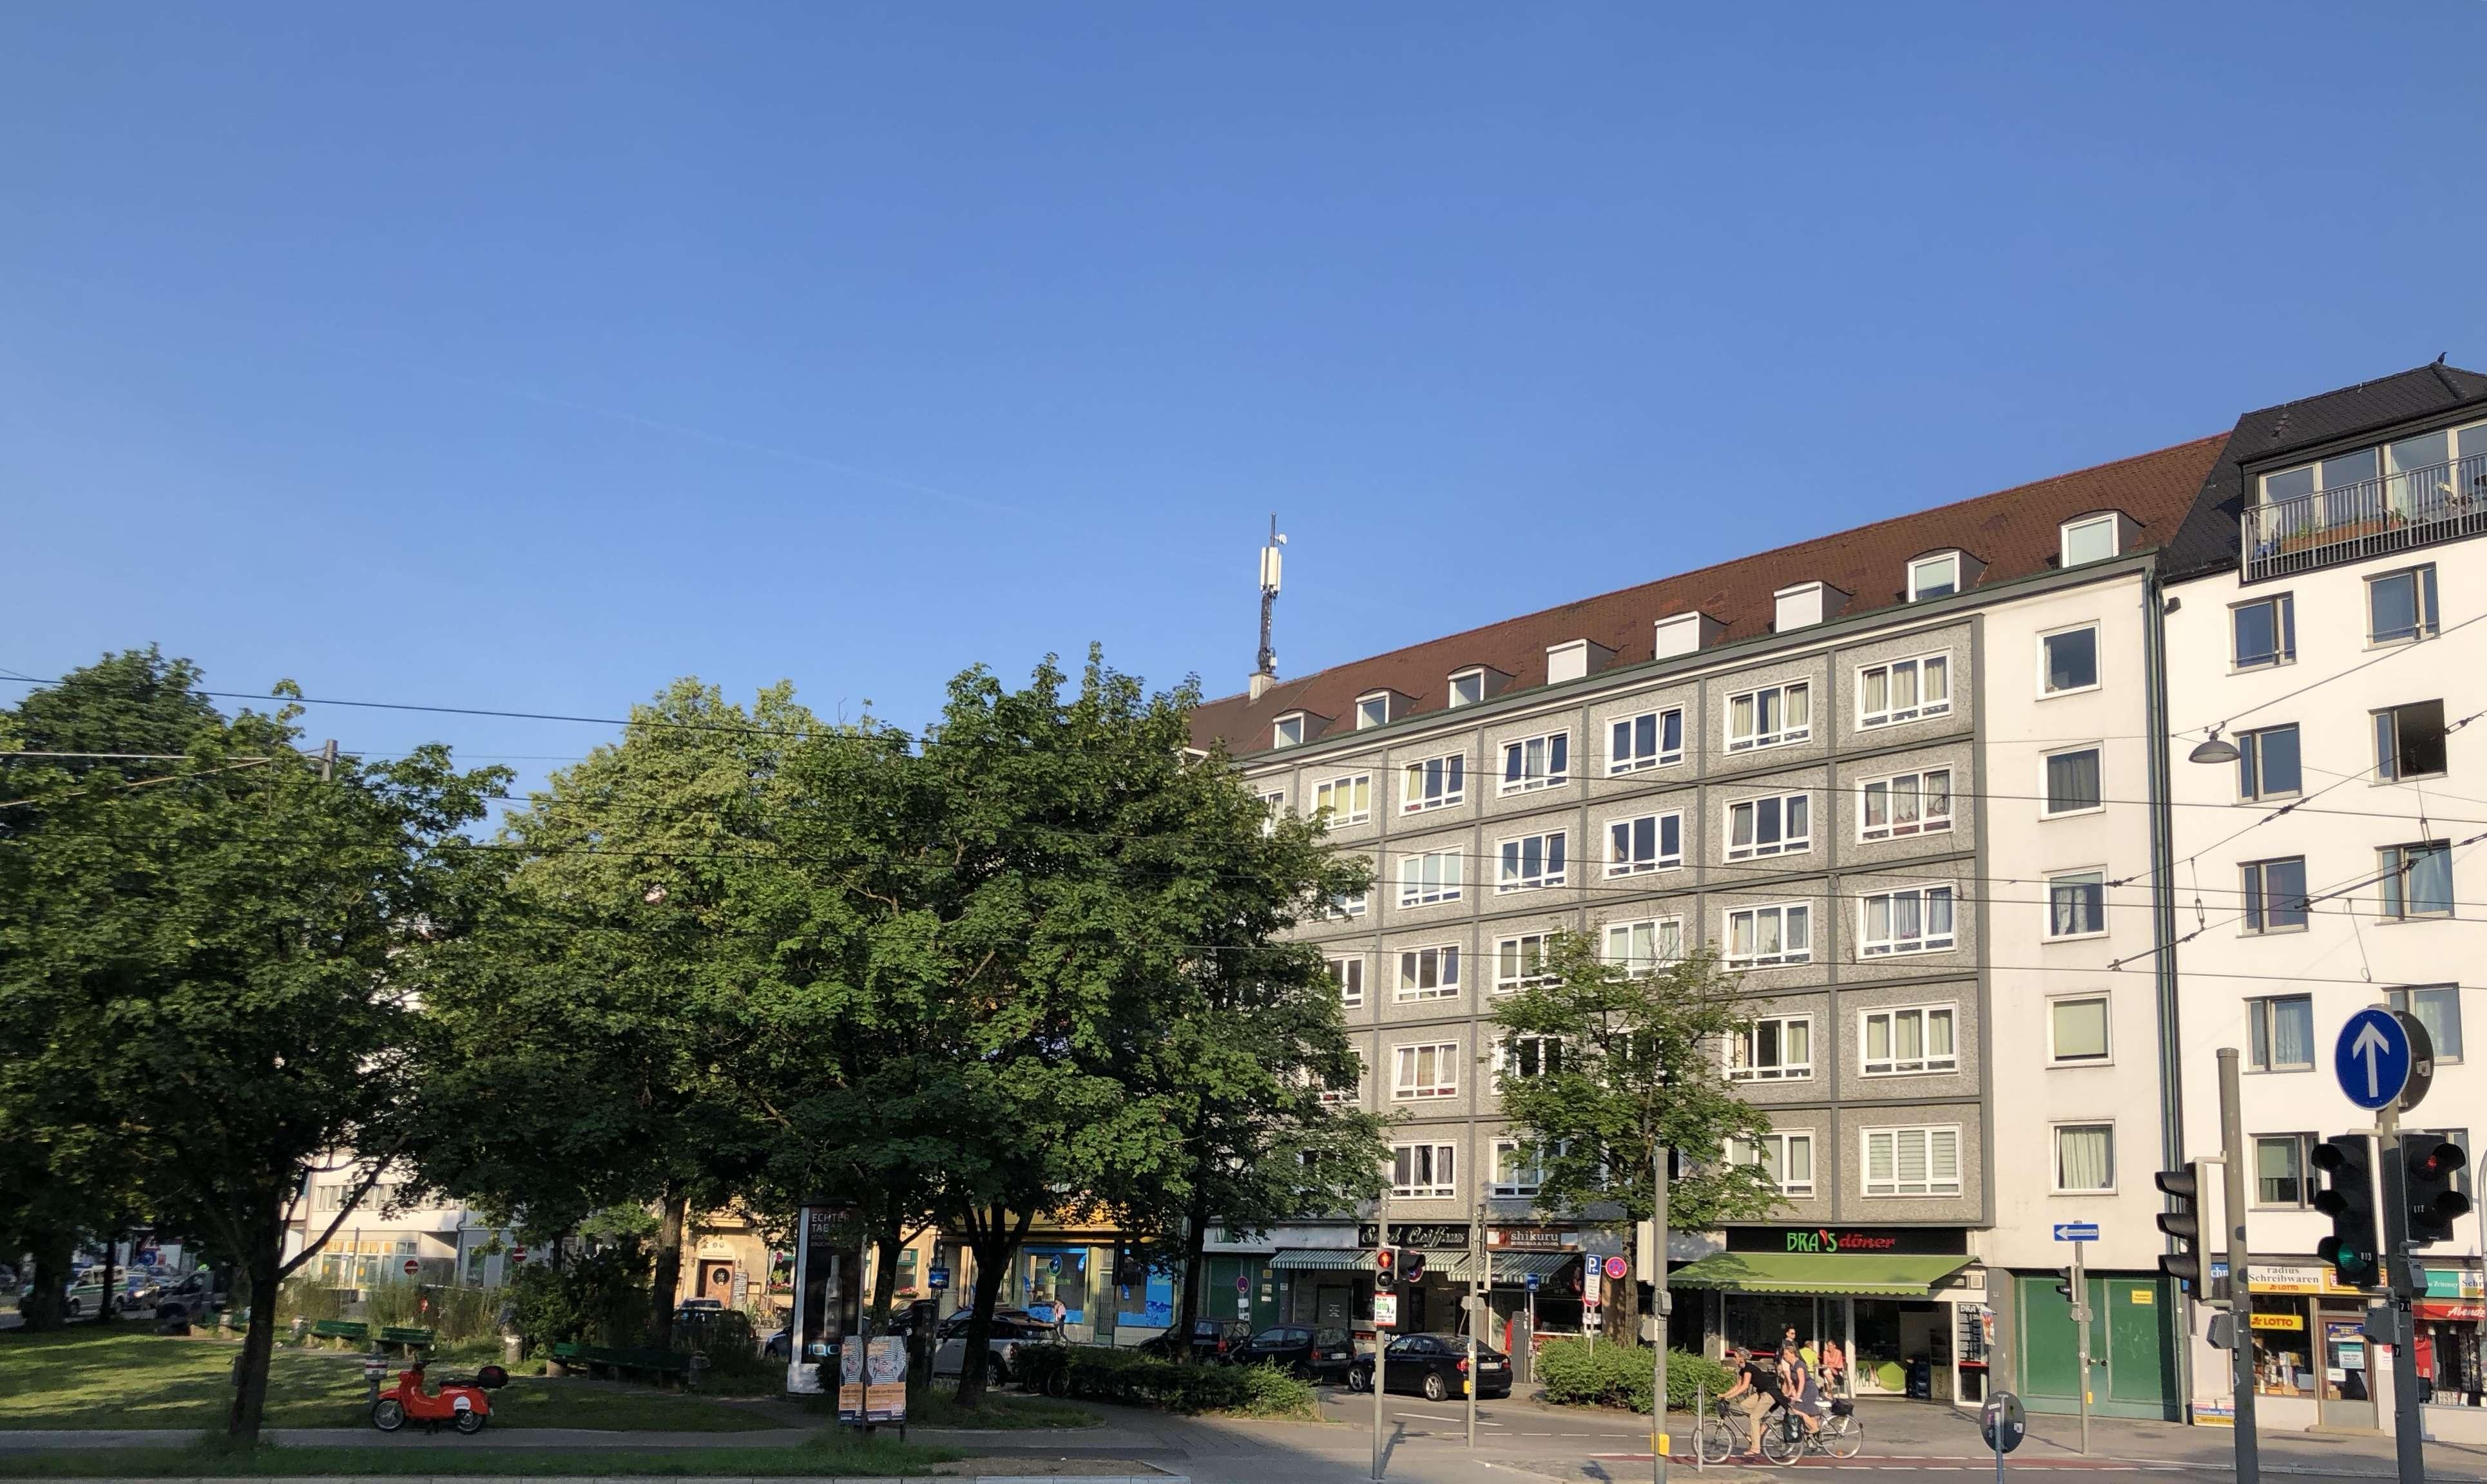 Von privat, helle 2-Zimmer-Wohnung (WG geeignet) mit neuer, separater Küche in Maxvorstadt (München)